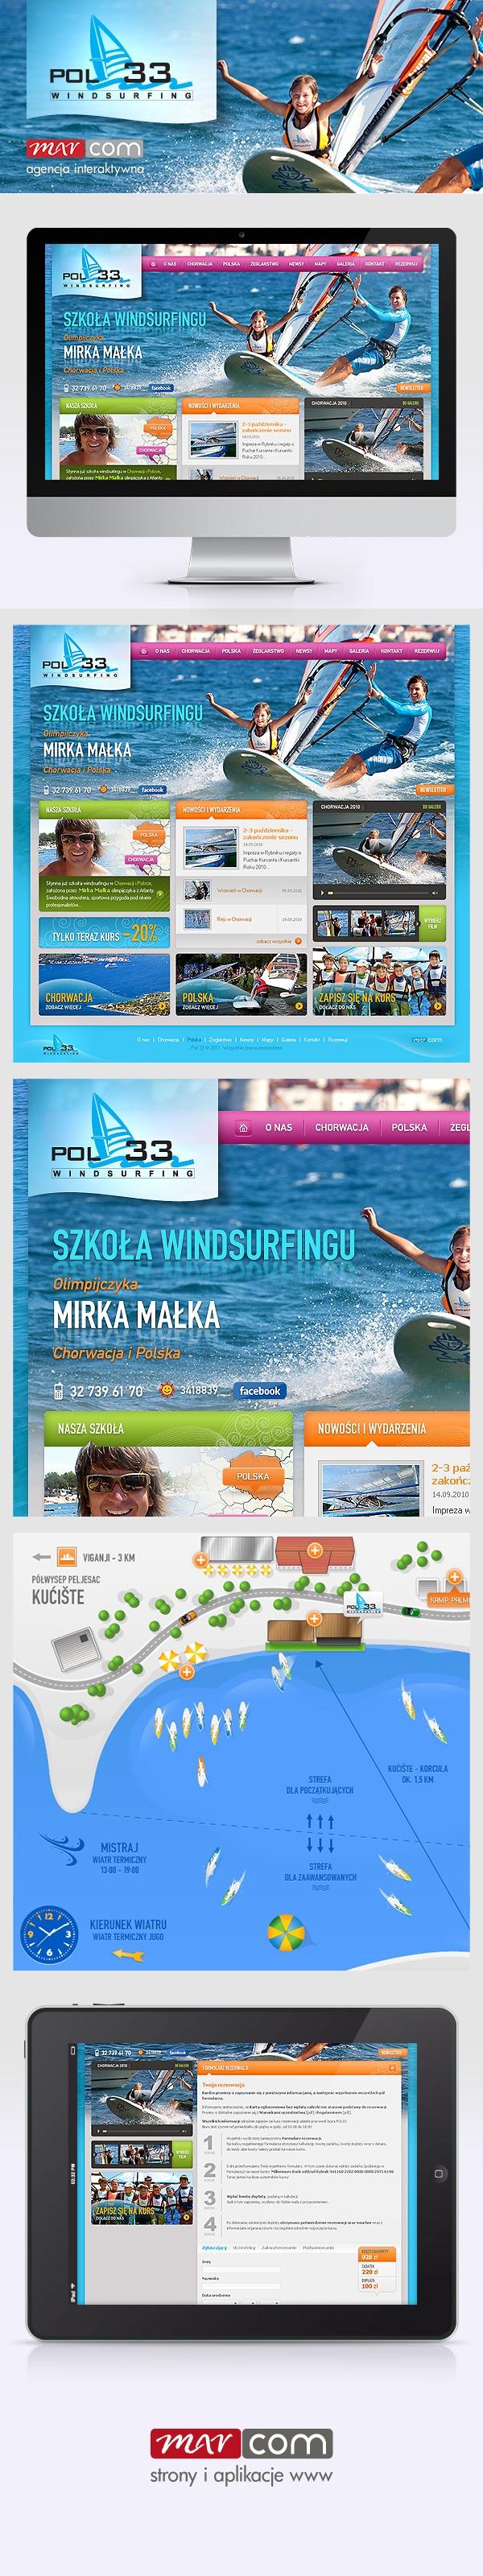 Strona internetowa szkoły windsurfingu Pol33.  Więcej na: http://www.e-marcom.pl/portfolio,43.html Realizacja: Marcom Interactive, Rybnik, Śląsk. Webdesign of windsurfing school Pol33.